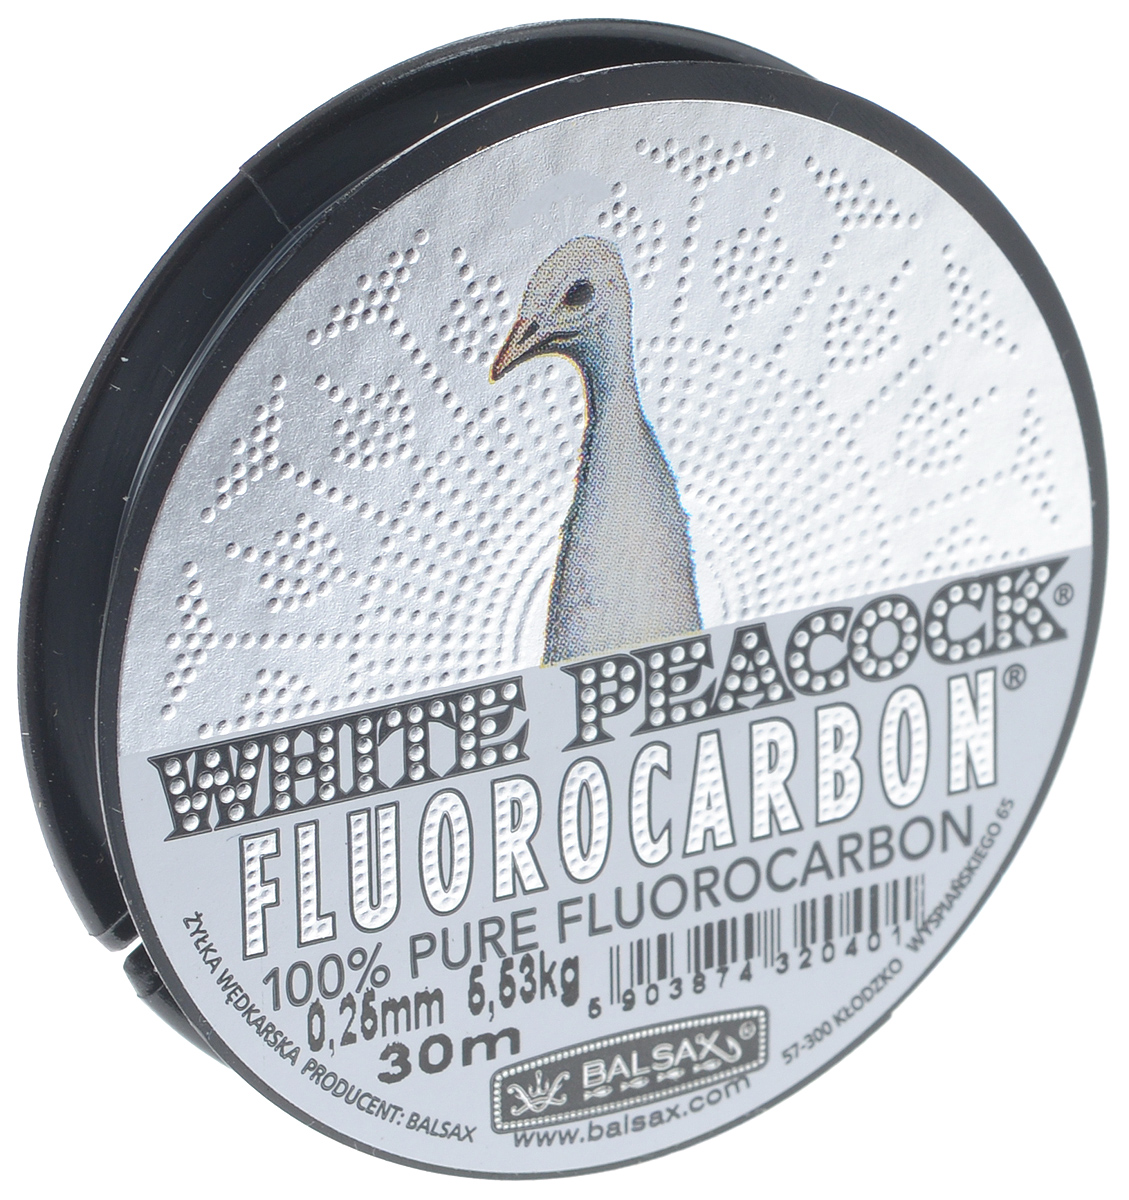 Леска Balsax White Peacock Fluorocarbon, сечение 0,25 мм, длина 30 м26769Леска зимняя Balsax White Peacock Fluorocarbon выполнена из флюорокарбона, благодаря которому она становится абсолютно невидимой в воде. Обычные лески отражают световые лучи, поэтому рыбы их обнаруживают. Флюорокарбон имеет приближенный к воде коэффициент преломления, поэтому пропускает сквозь себя свет, не давая отражений. Рыбы не видят флюорокарбон. Многие рыболовы во всем мире используют подобные лески в качестве поводковых, благодаря чему получают лучшие результаты.Флюорокарбон на 50% тяжелее обычных лесок и на 78% тяжелее воды. Понятно, почему этот материал используется для рыболовных лесок, он тонет очень быстро. Флюорокарбон не впитывает воду даже через 100 часов нахождения в ней. Обычные лески впитывают до 10% воды в течение 24 часов, что приводит к потере 5-10% прочности. Флюорокарбон не теряет прочности. Сопротивляемость флюорокарбона к истиранию значительно больше, чем у обычных лесок. Он выдерживает температуры от -40°C до +60°C.